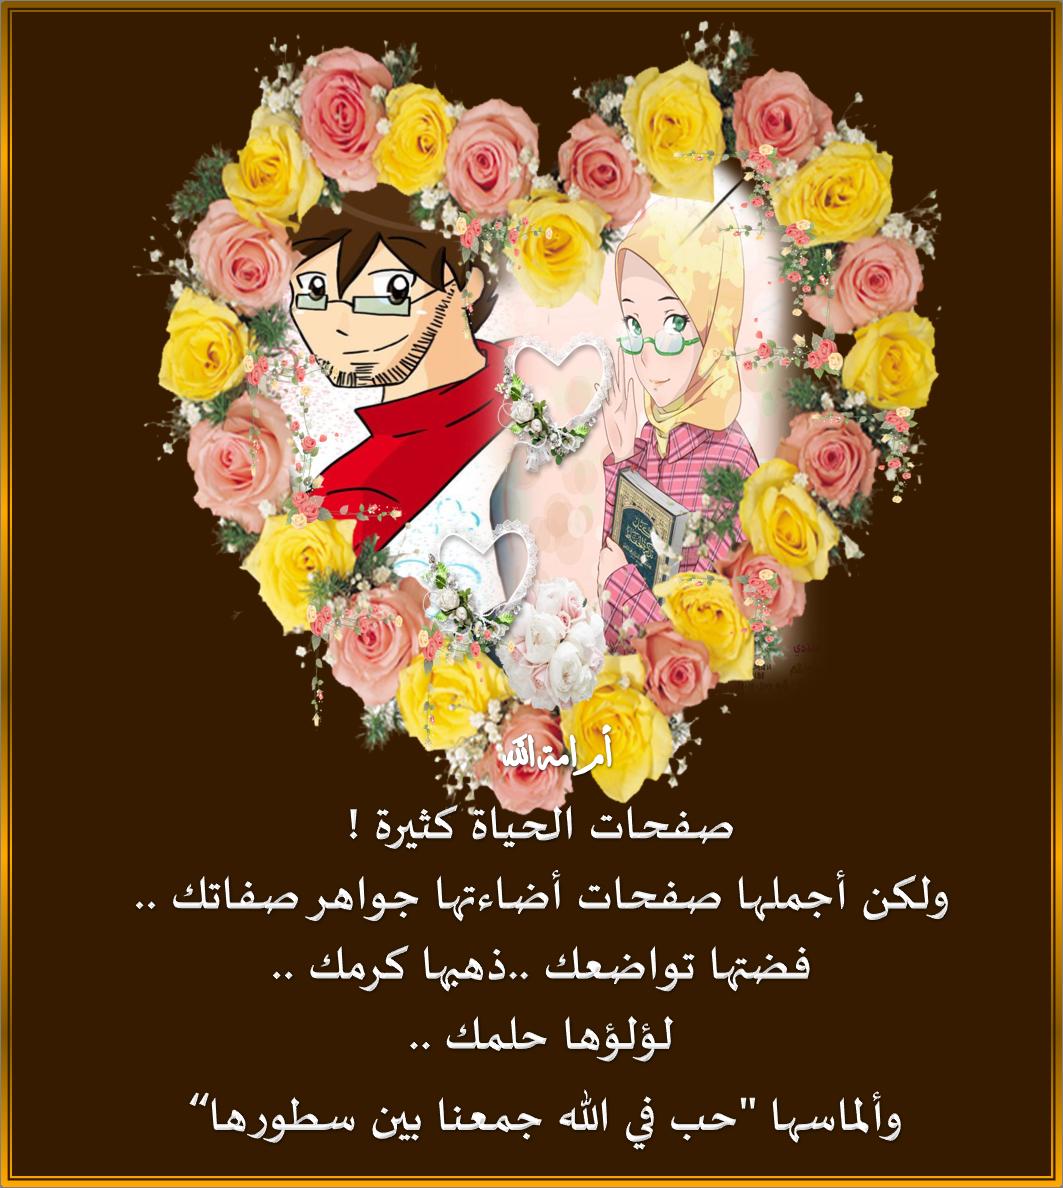 تصميمي.. رومانسية للزوج ،صور مكتوب عليها 3dlat.net_01_17_6dac